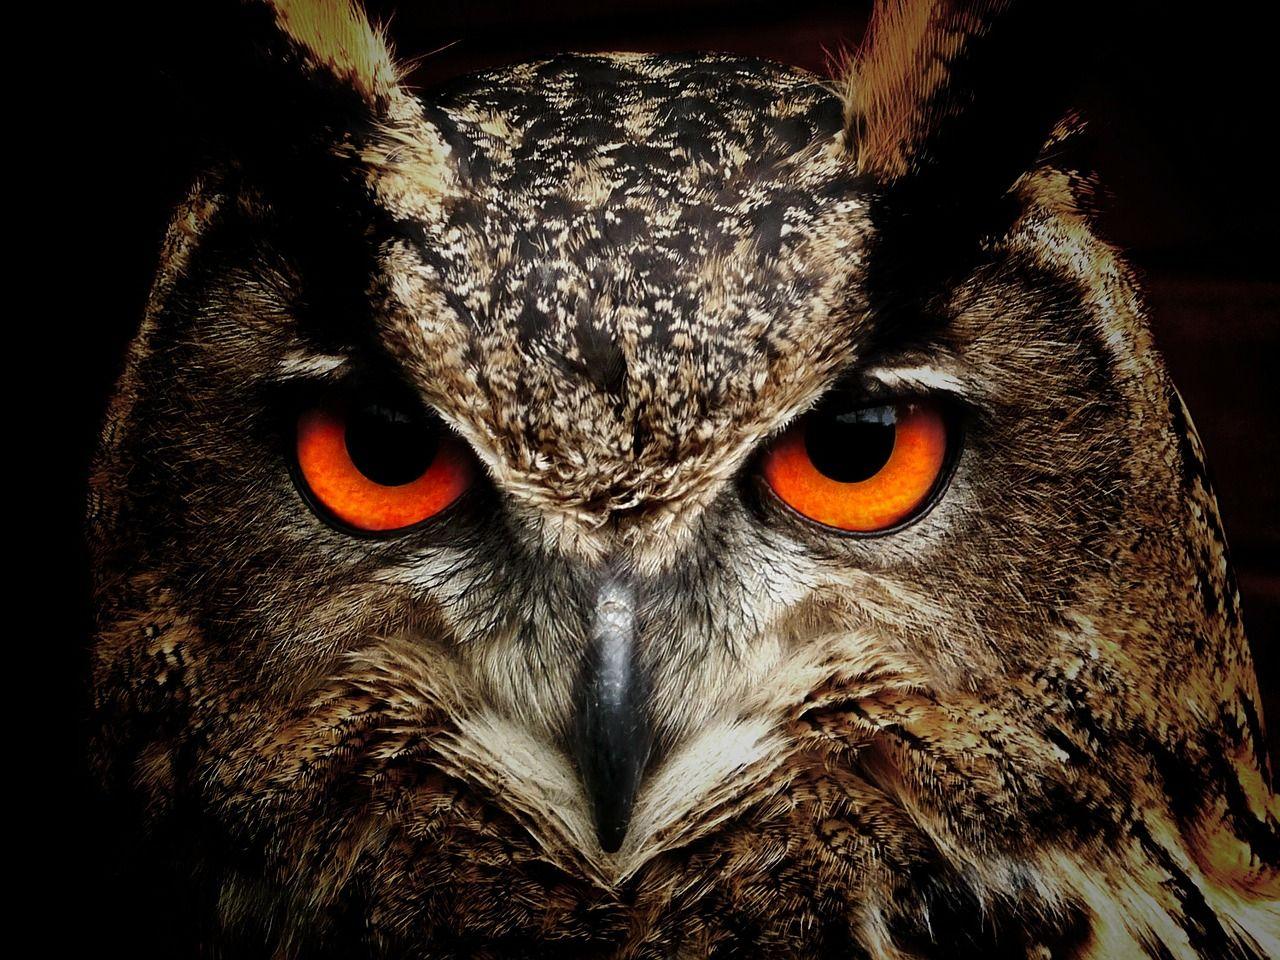 5 Jenis Burung Hantu Yang Ada Di Film Harry Potter Masih Ingat